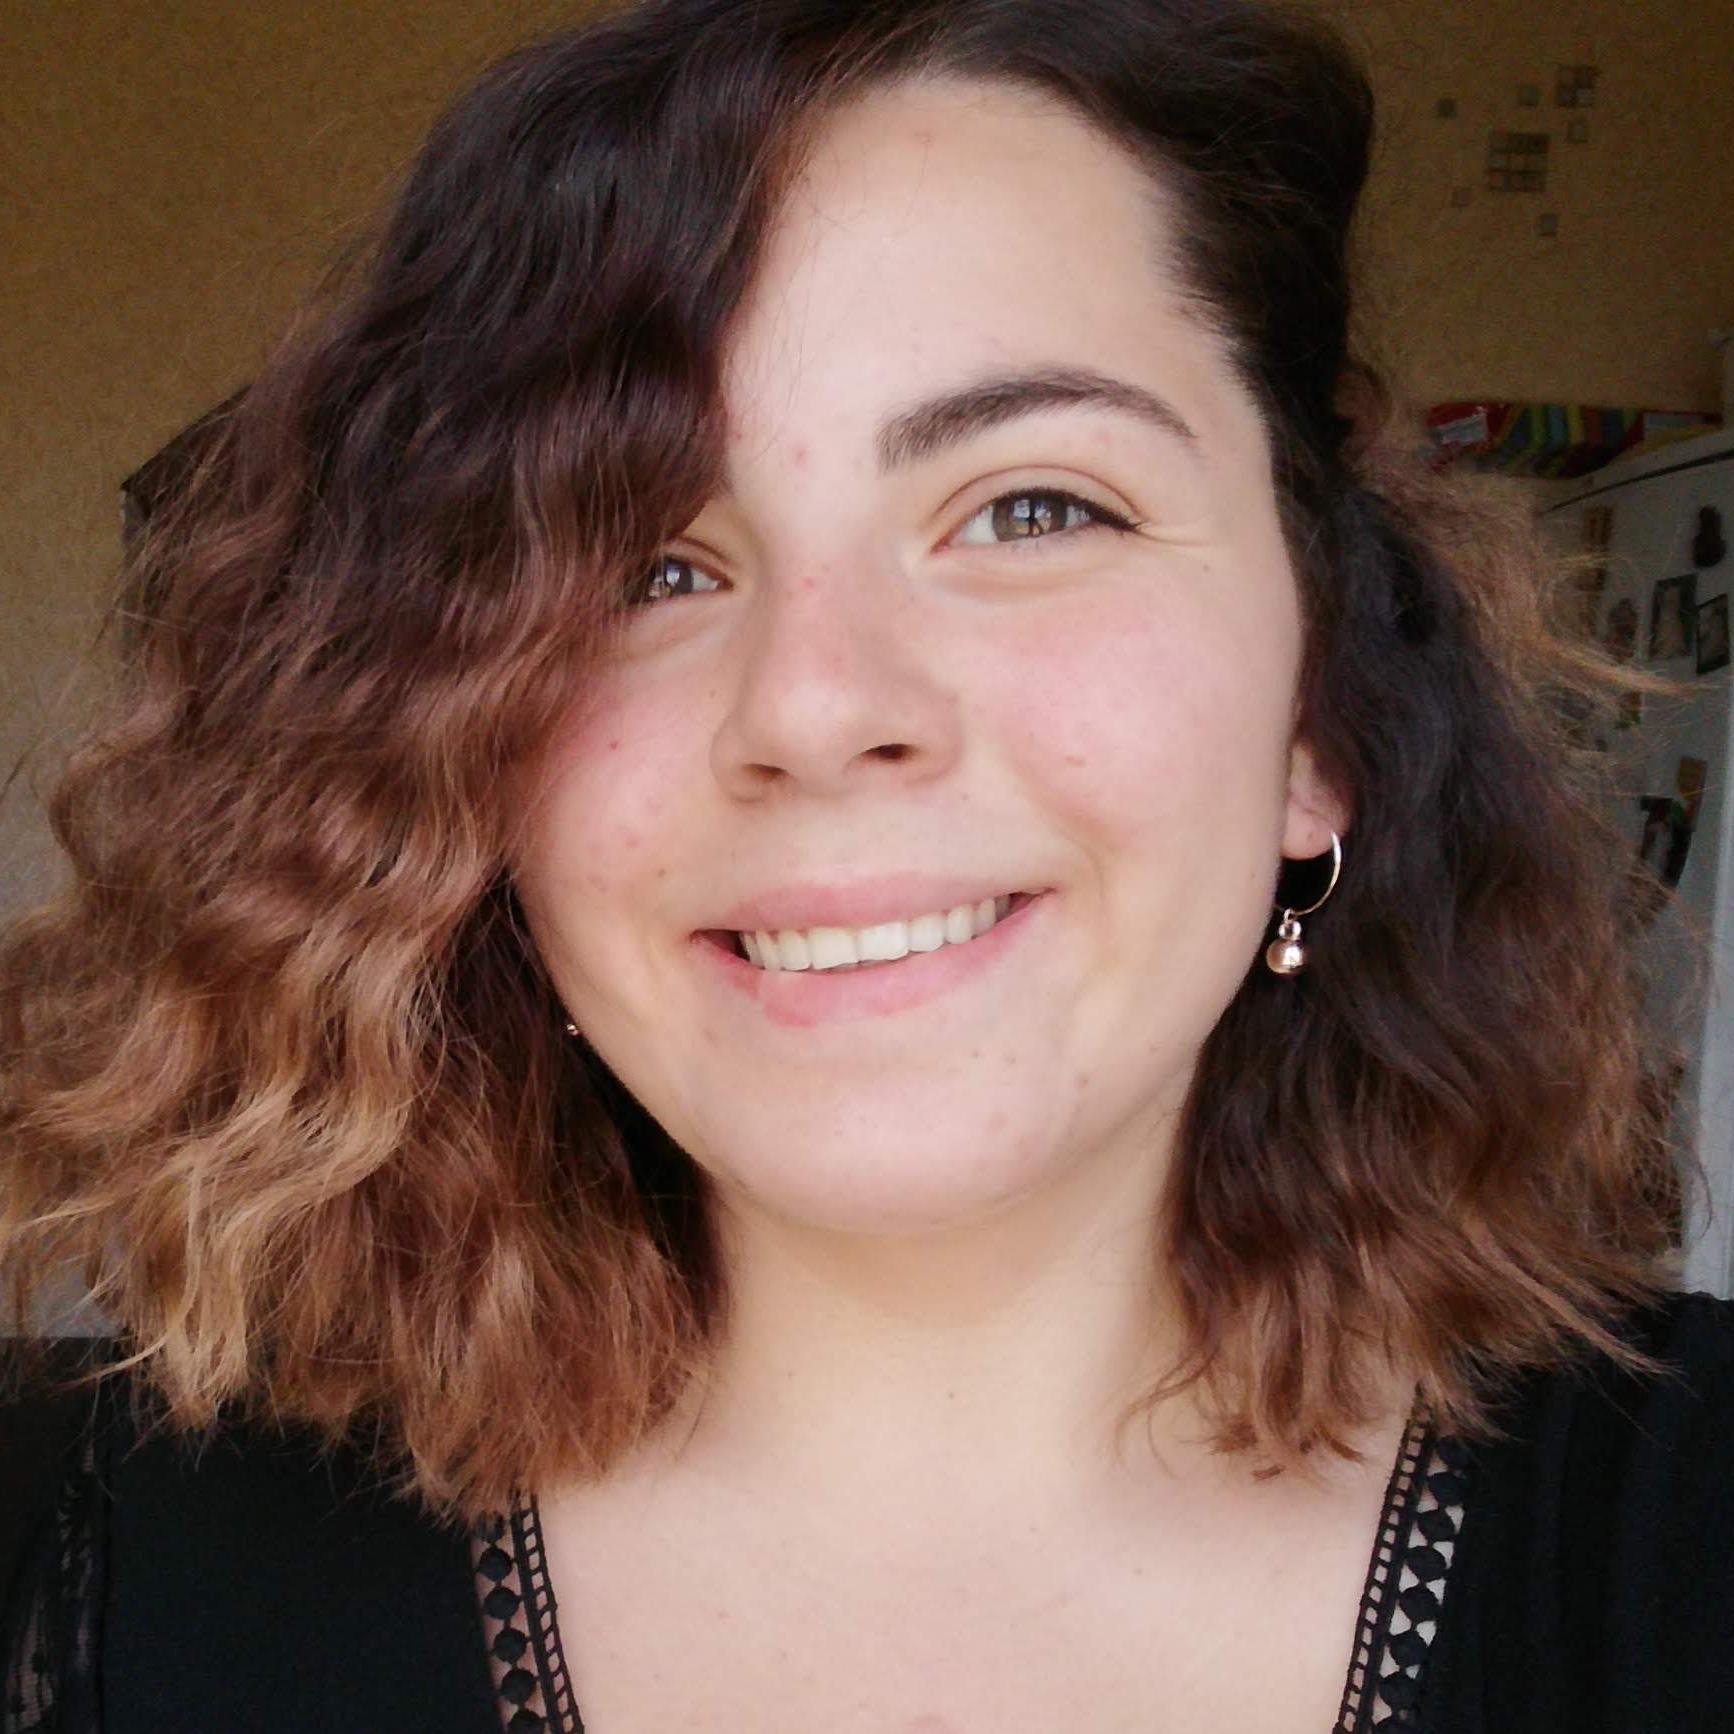 Фото Няни: Ольга, 21 год